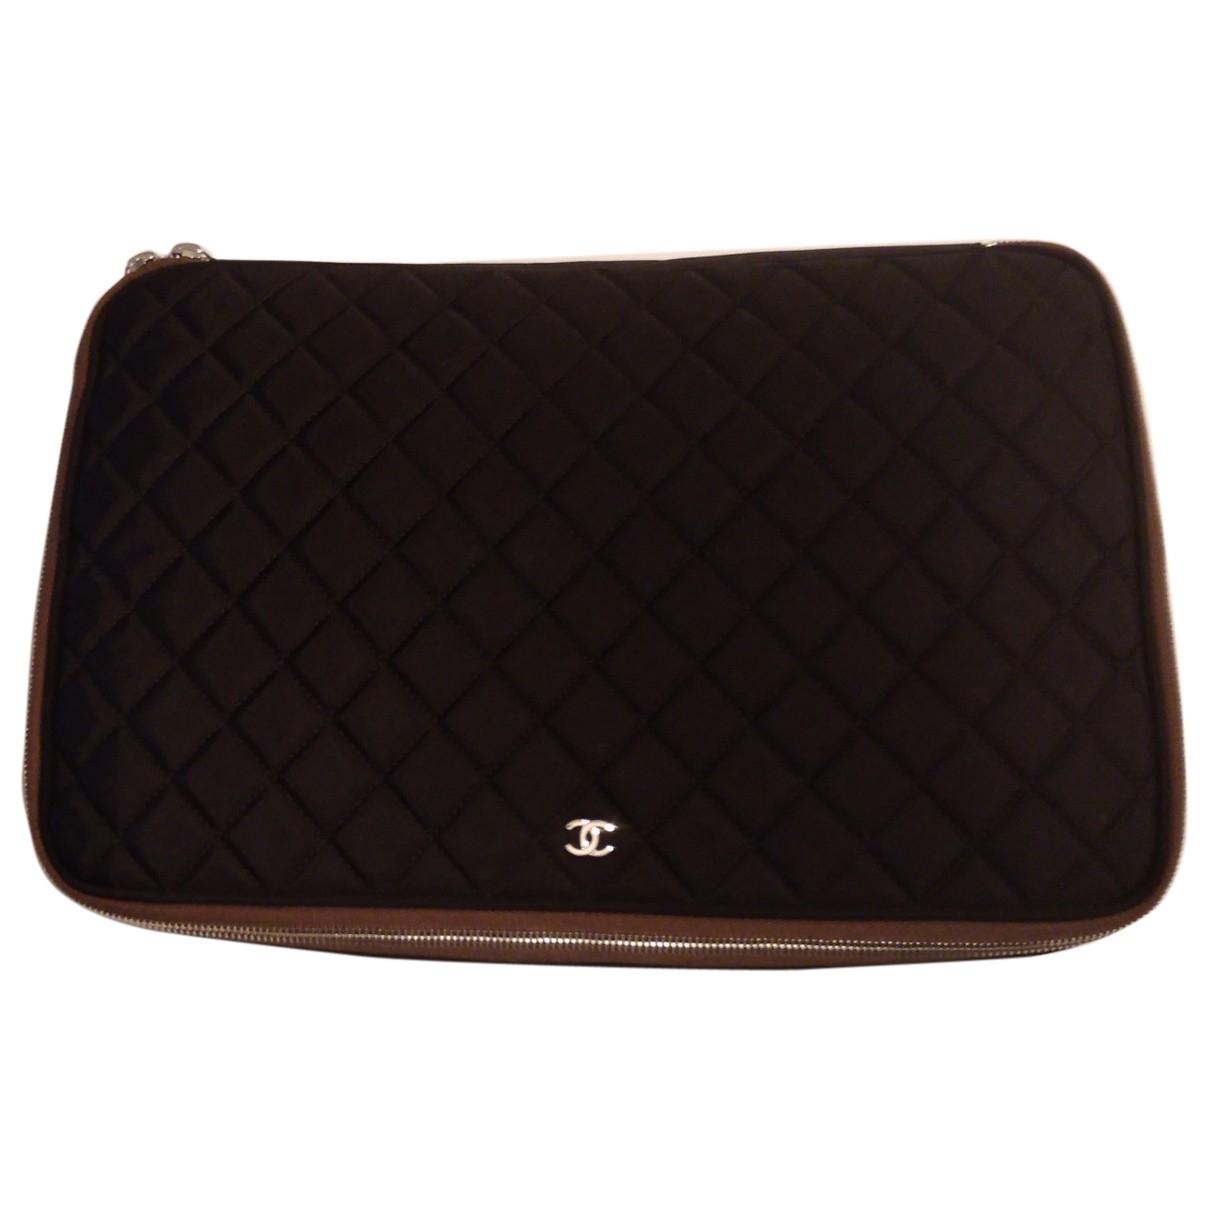 Chanel - Accessoires   pour lifestyle en toile - noir